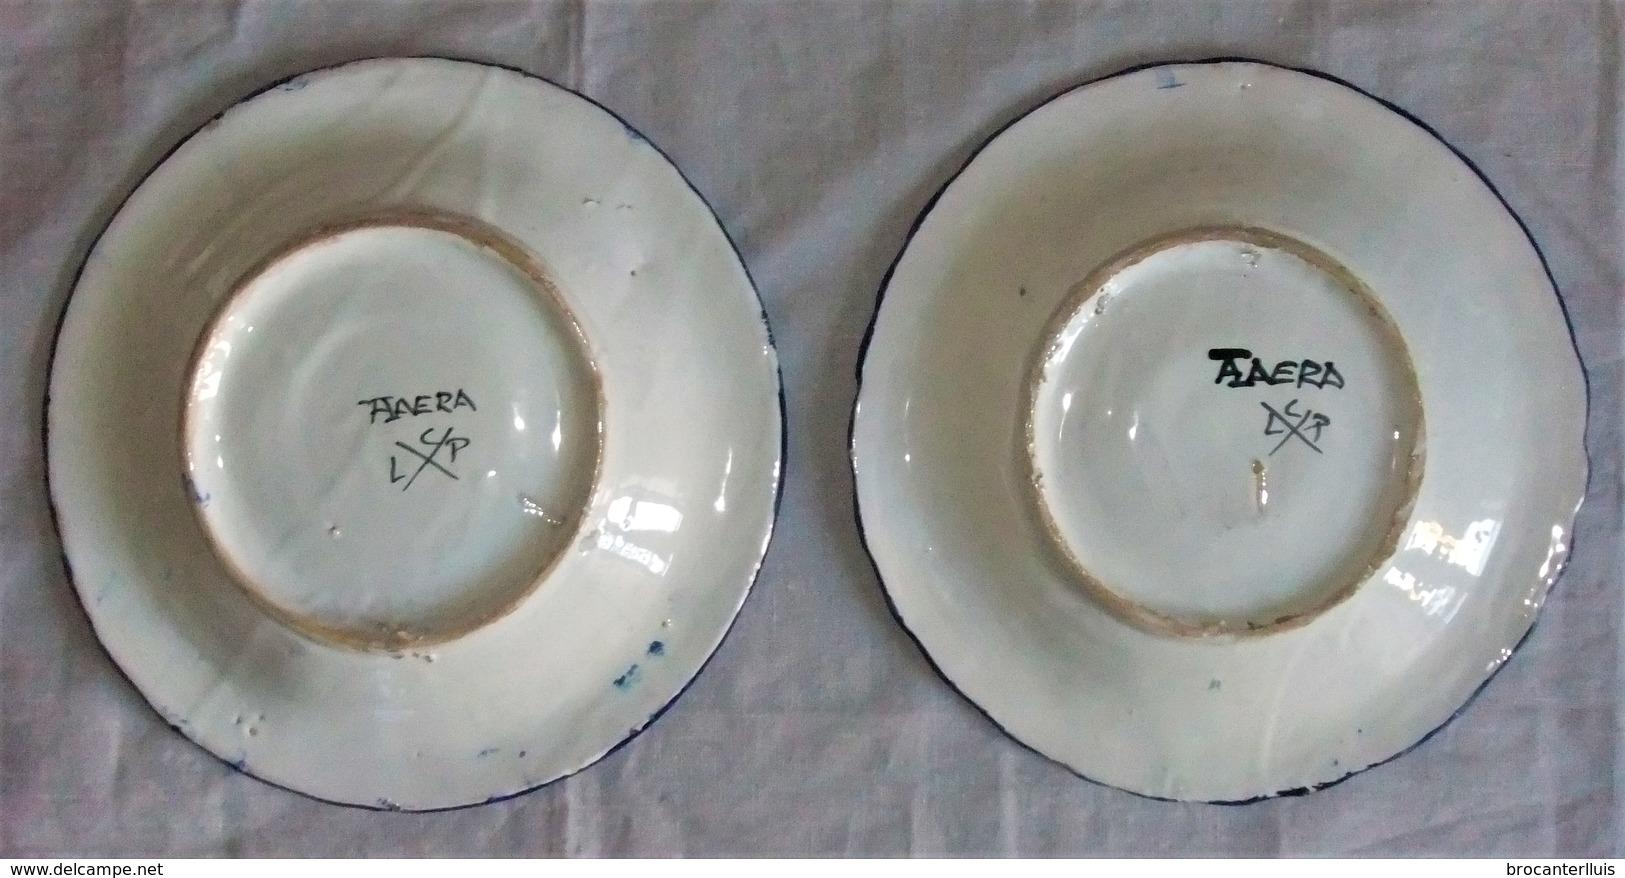 2 ANTIGUOS PLATOS DE CERÁMICA CON DON QUIJOTE Y SANCHO PANZA- 2 OLD CERAMIC PLATES WITH DON QUIXOTE AND SANCHO PANZA - Talavera/Toledo (ESP)